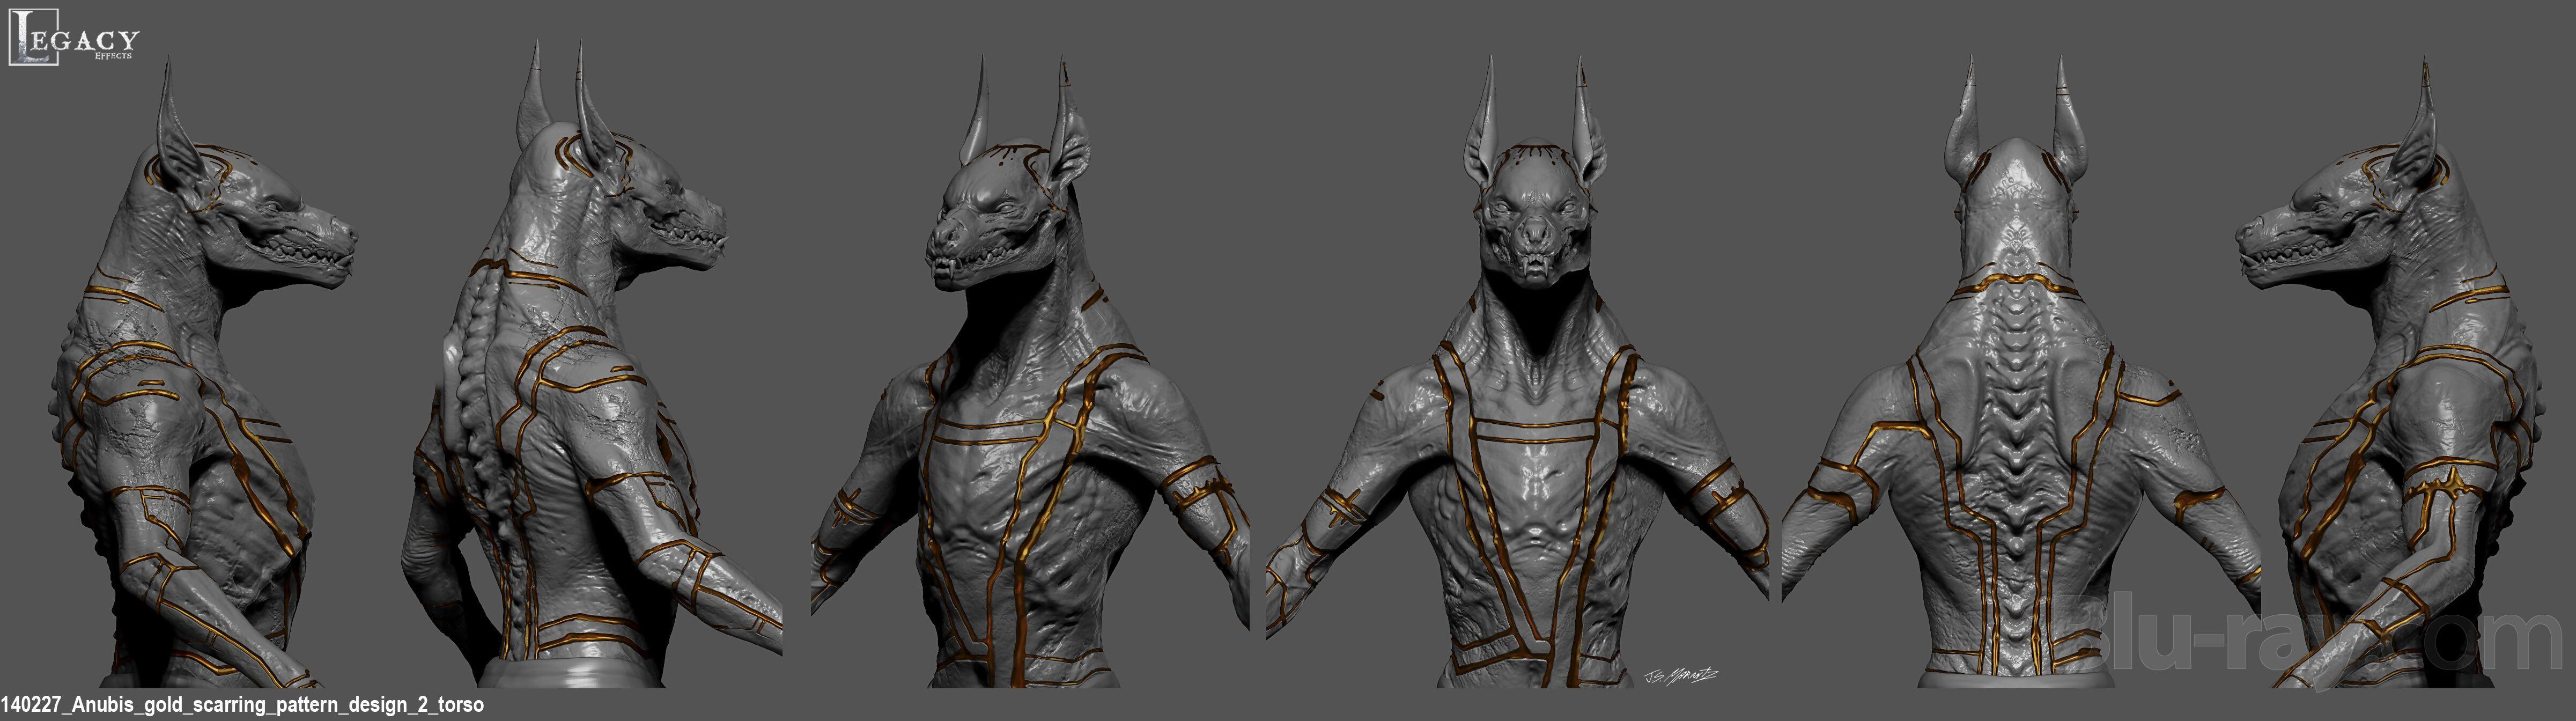 Gods of Egypt Official Studio Concept Art